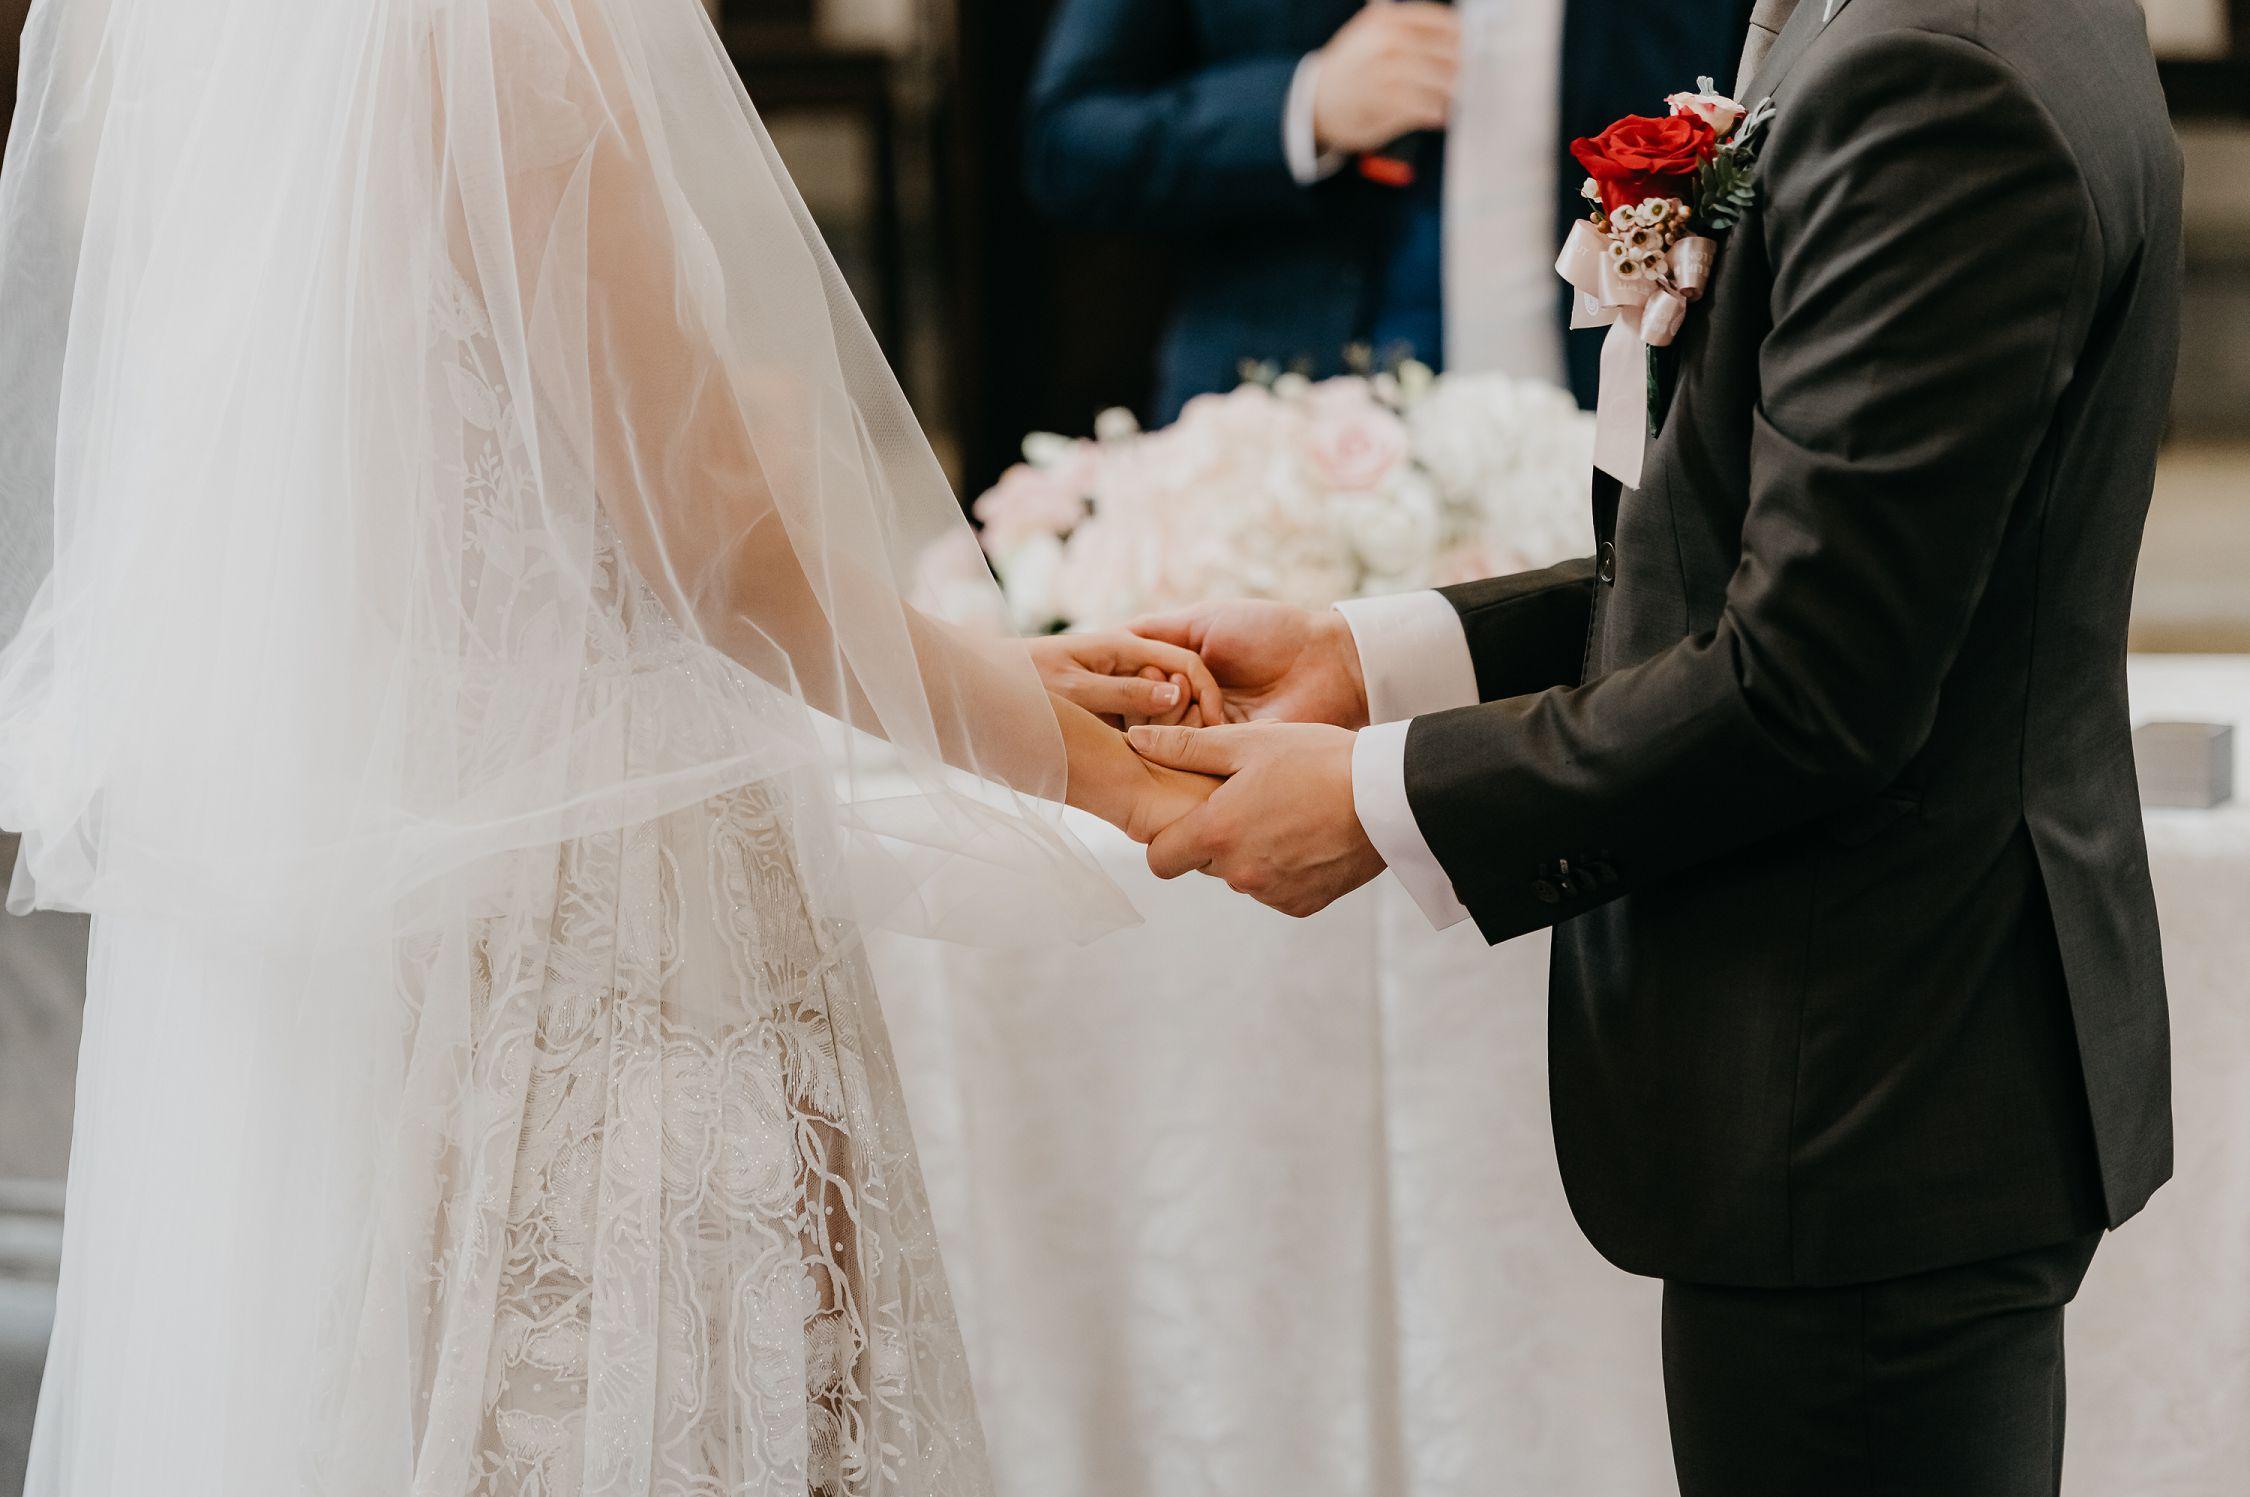 濟南教會,教會證婚,天主教,婚禮,攝影,台北婚禮,日本,婚禮紀實,松山意舍,風雲20,PTT推薦,新娘物語推薦,類婚紗,交換戒指,婚禮誓言,美式婚禮